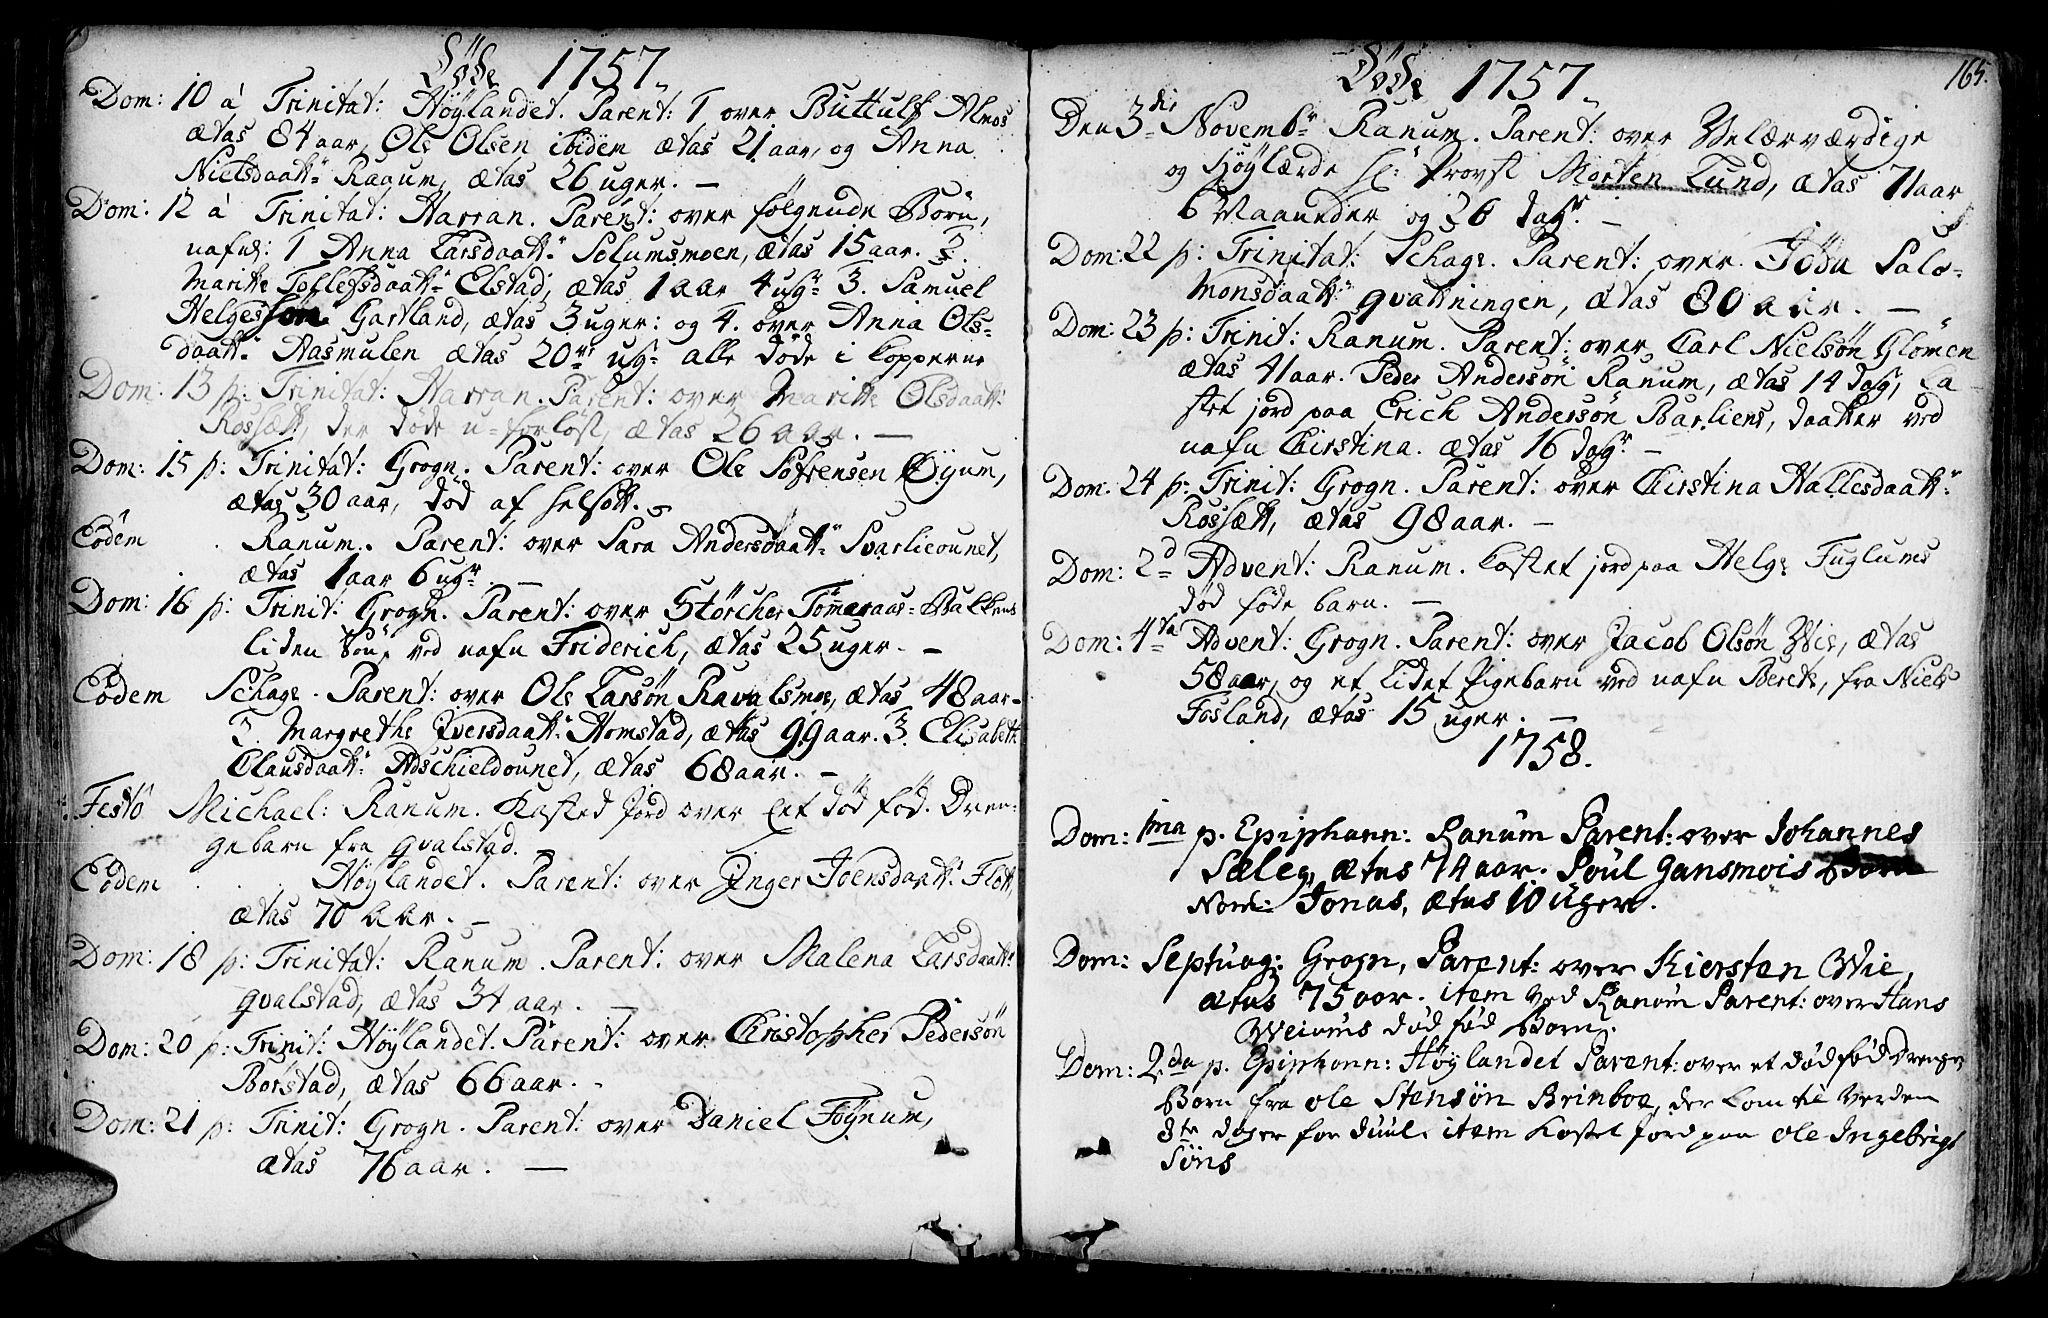 SAT, Ministerialprotokoller, klokkerbøker og fødselsregistre - Nord-Trøndelag, 764/L0542: Ministerialbok nr. 764A02, 1748-1779, s. 165